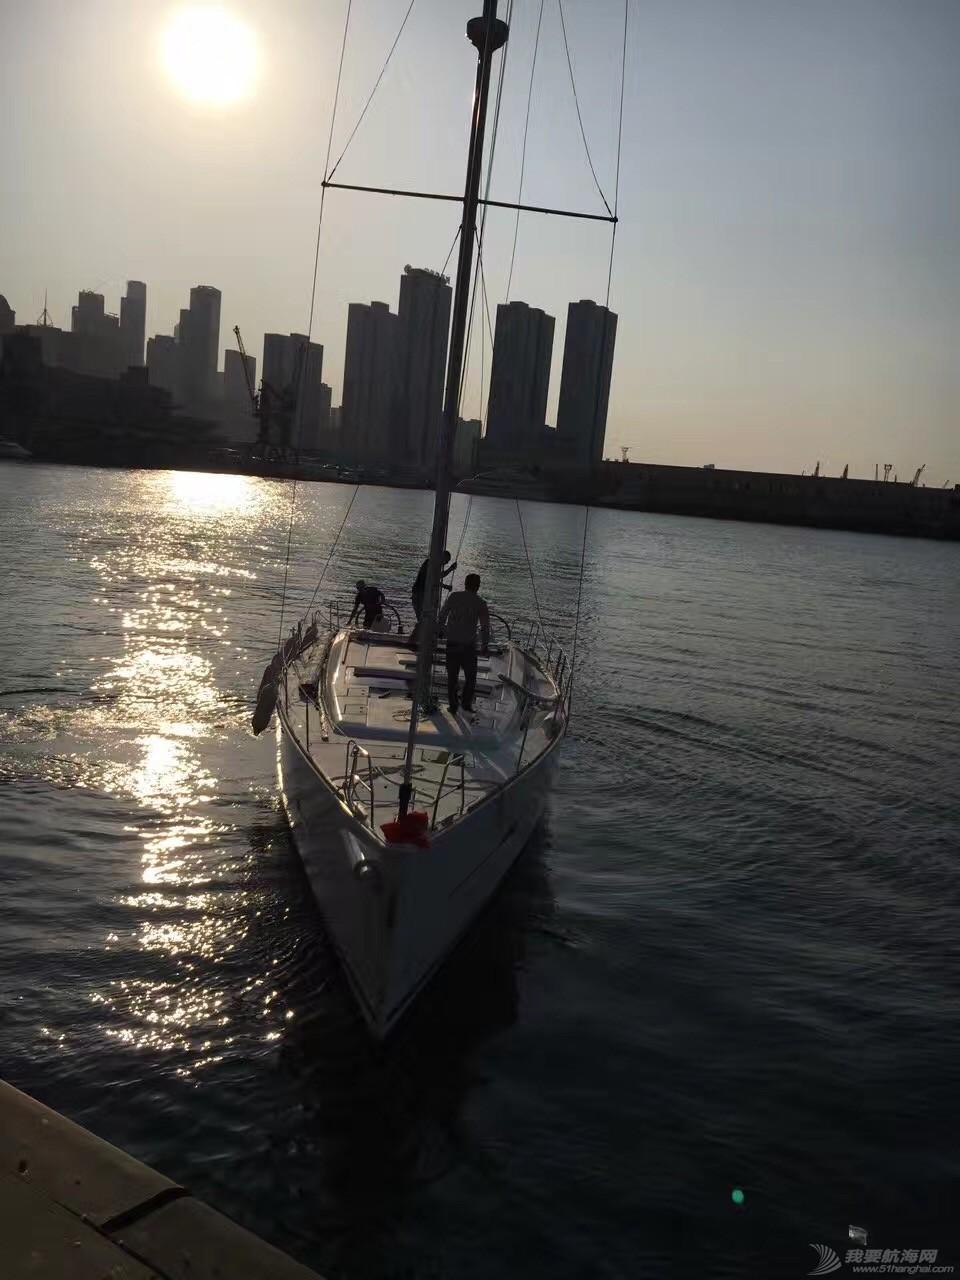 法国,帆船 51尺法国DUFOUR大帆船到港安装桅杆 webwxgetmsgimg